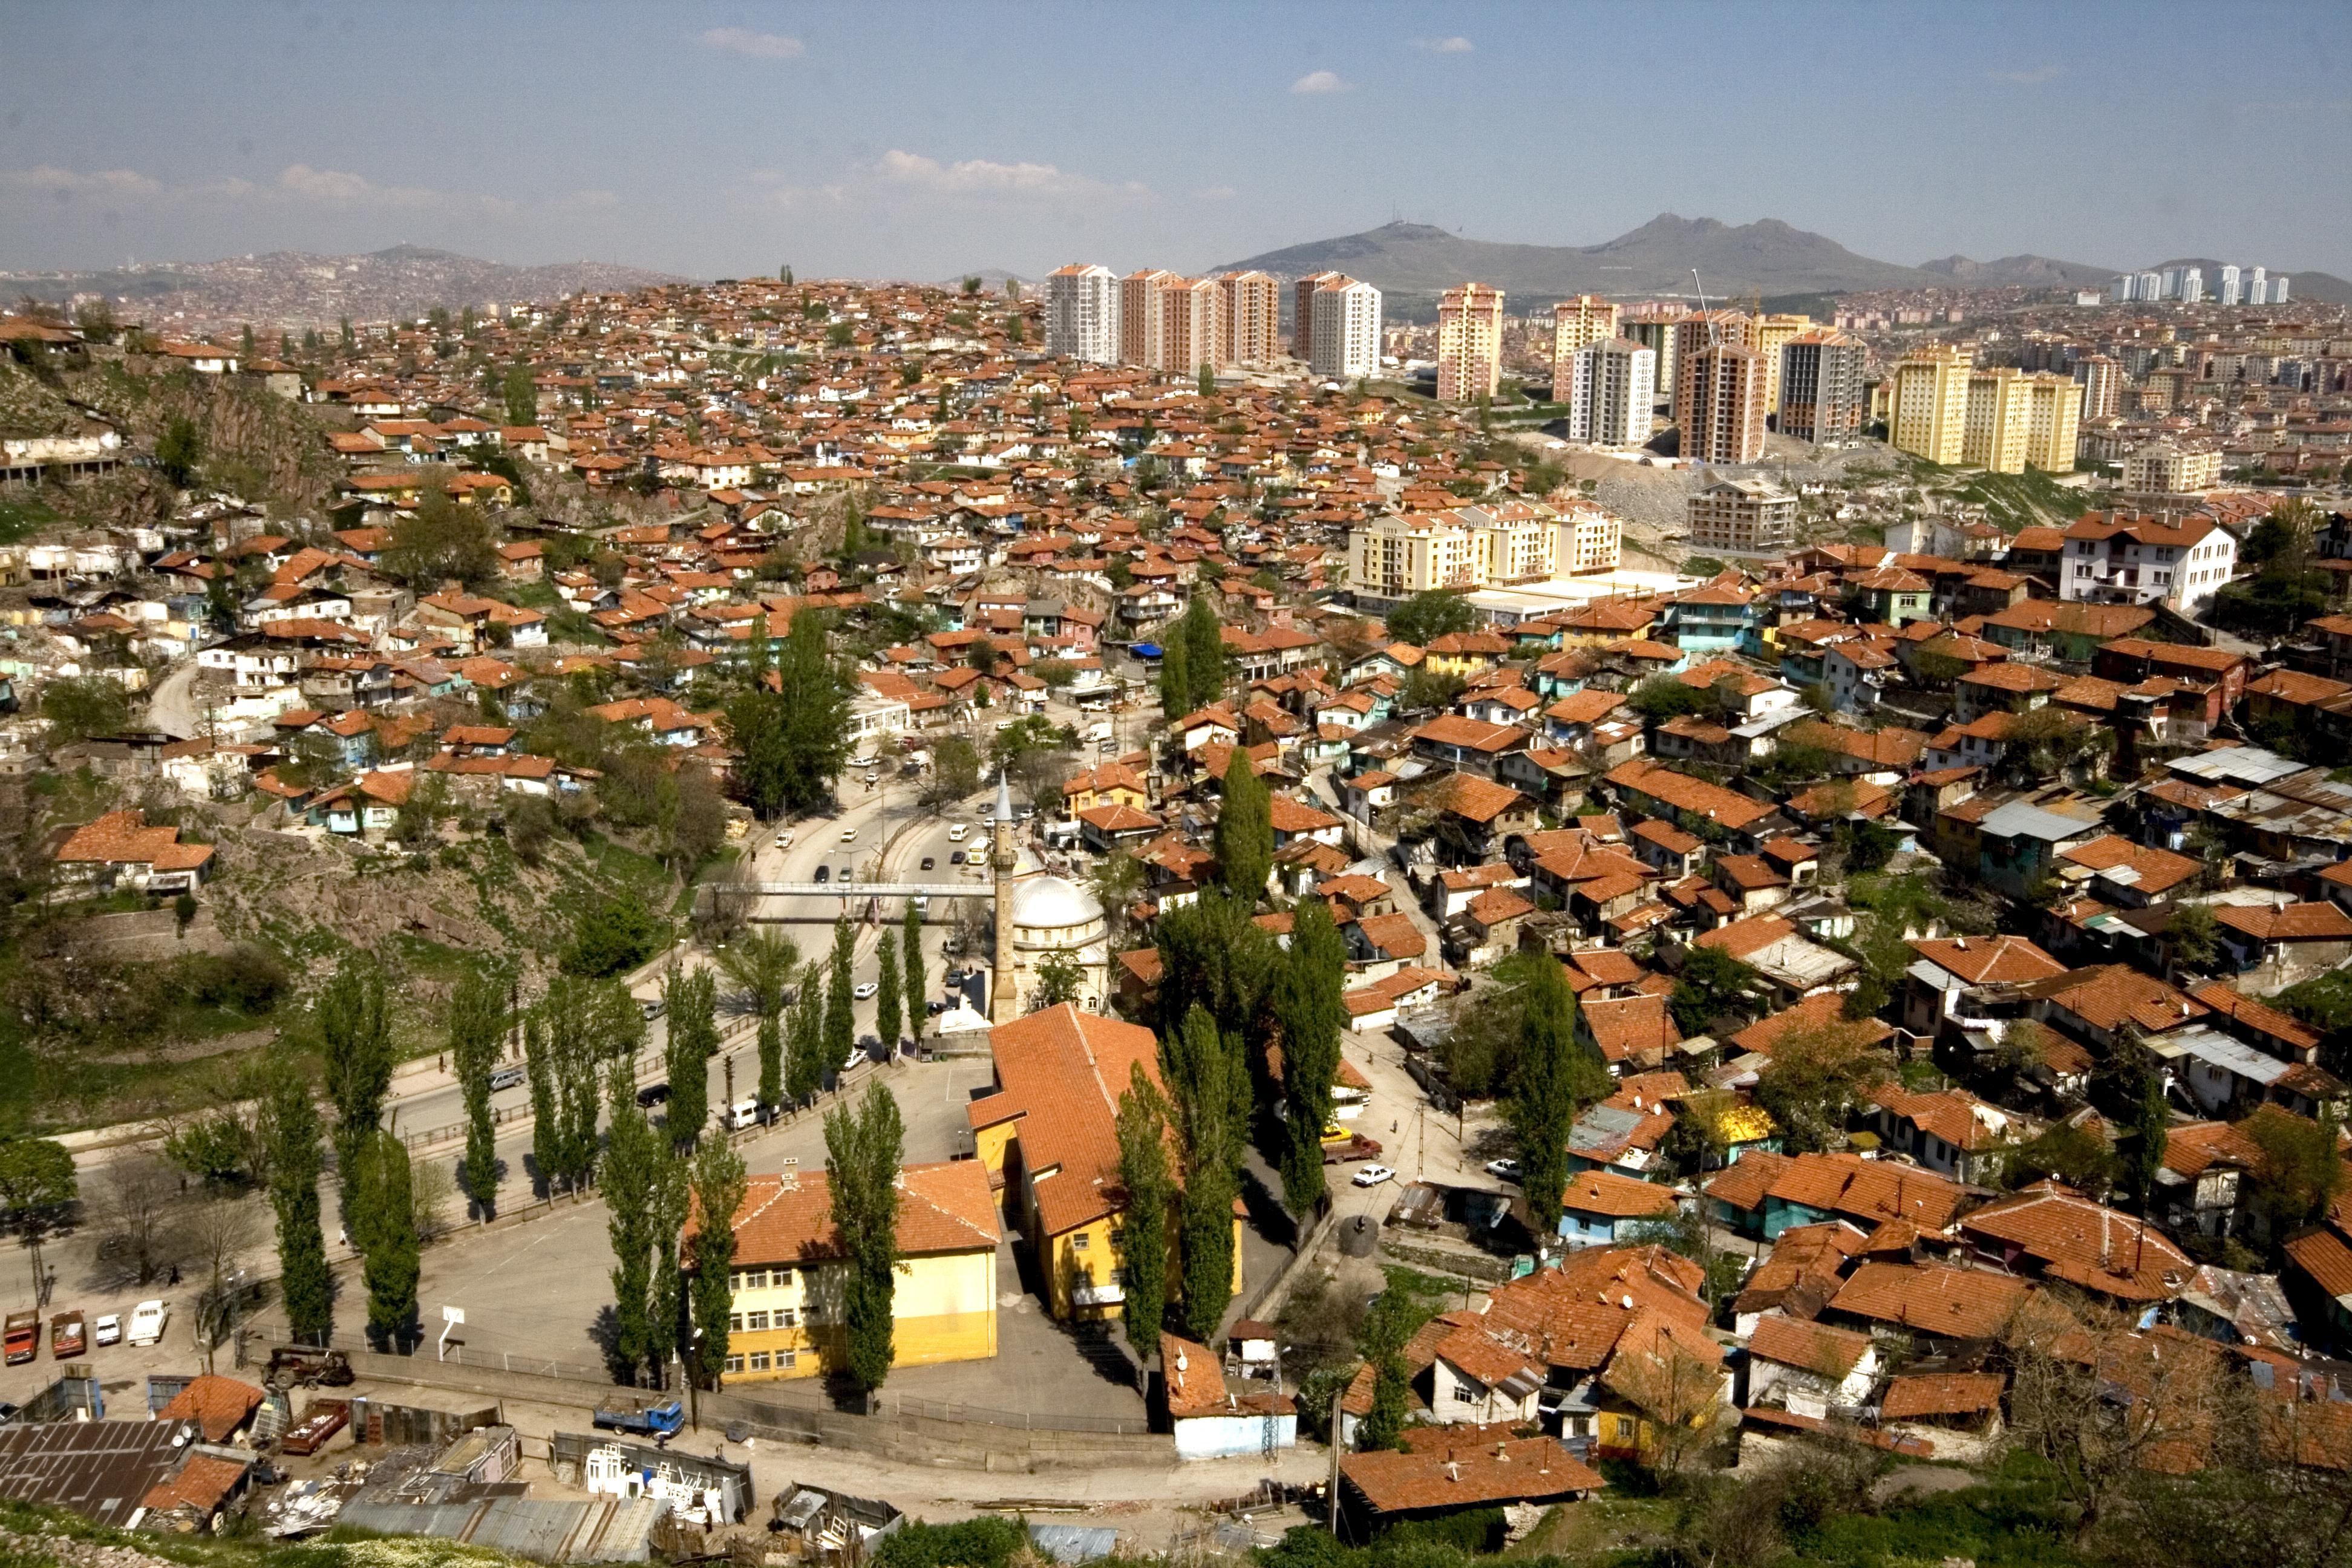 Ankaranın Ilçe Ve Semt Isimleri Nereden Geliyor Onediocom